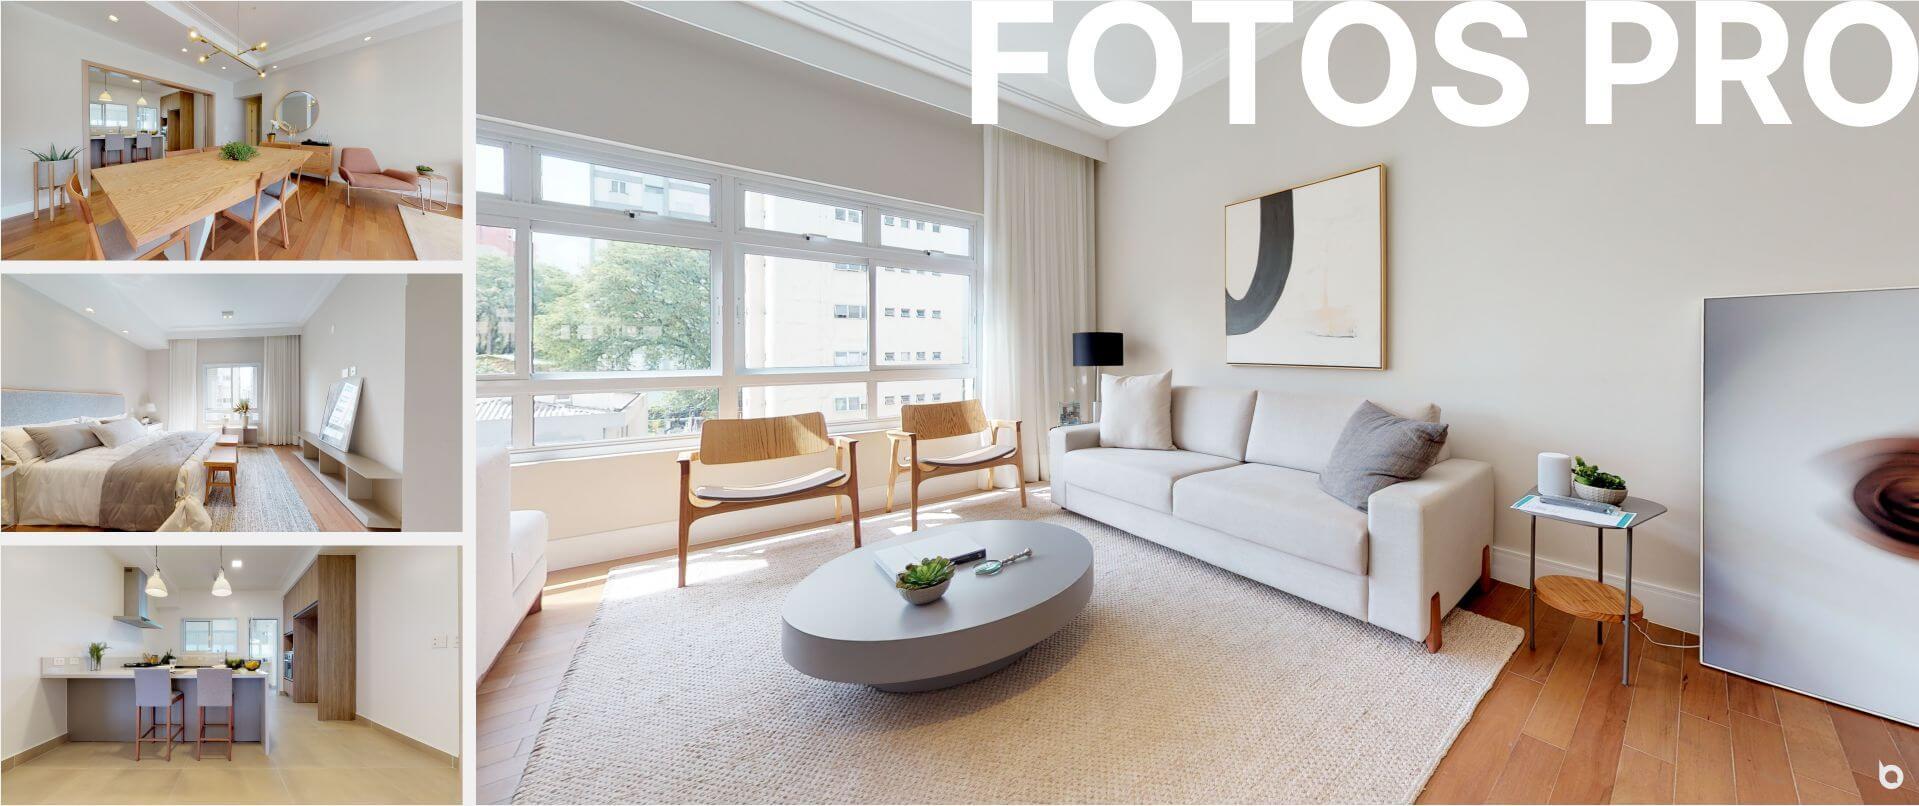 fotografo imobiliario profissional